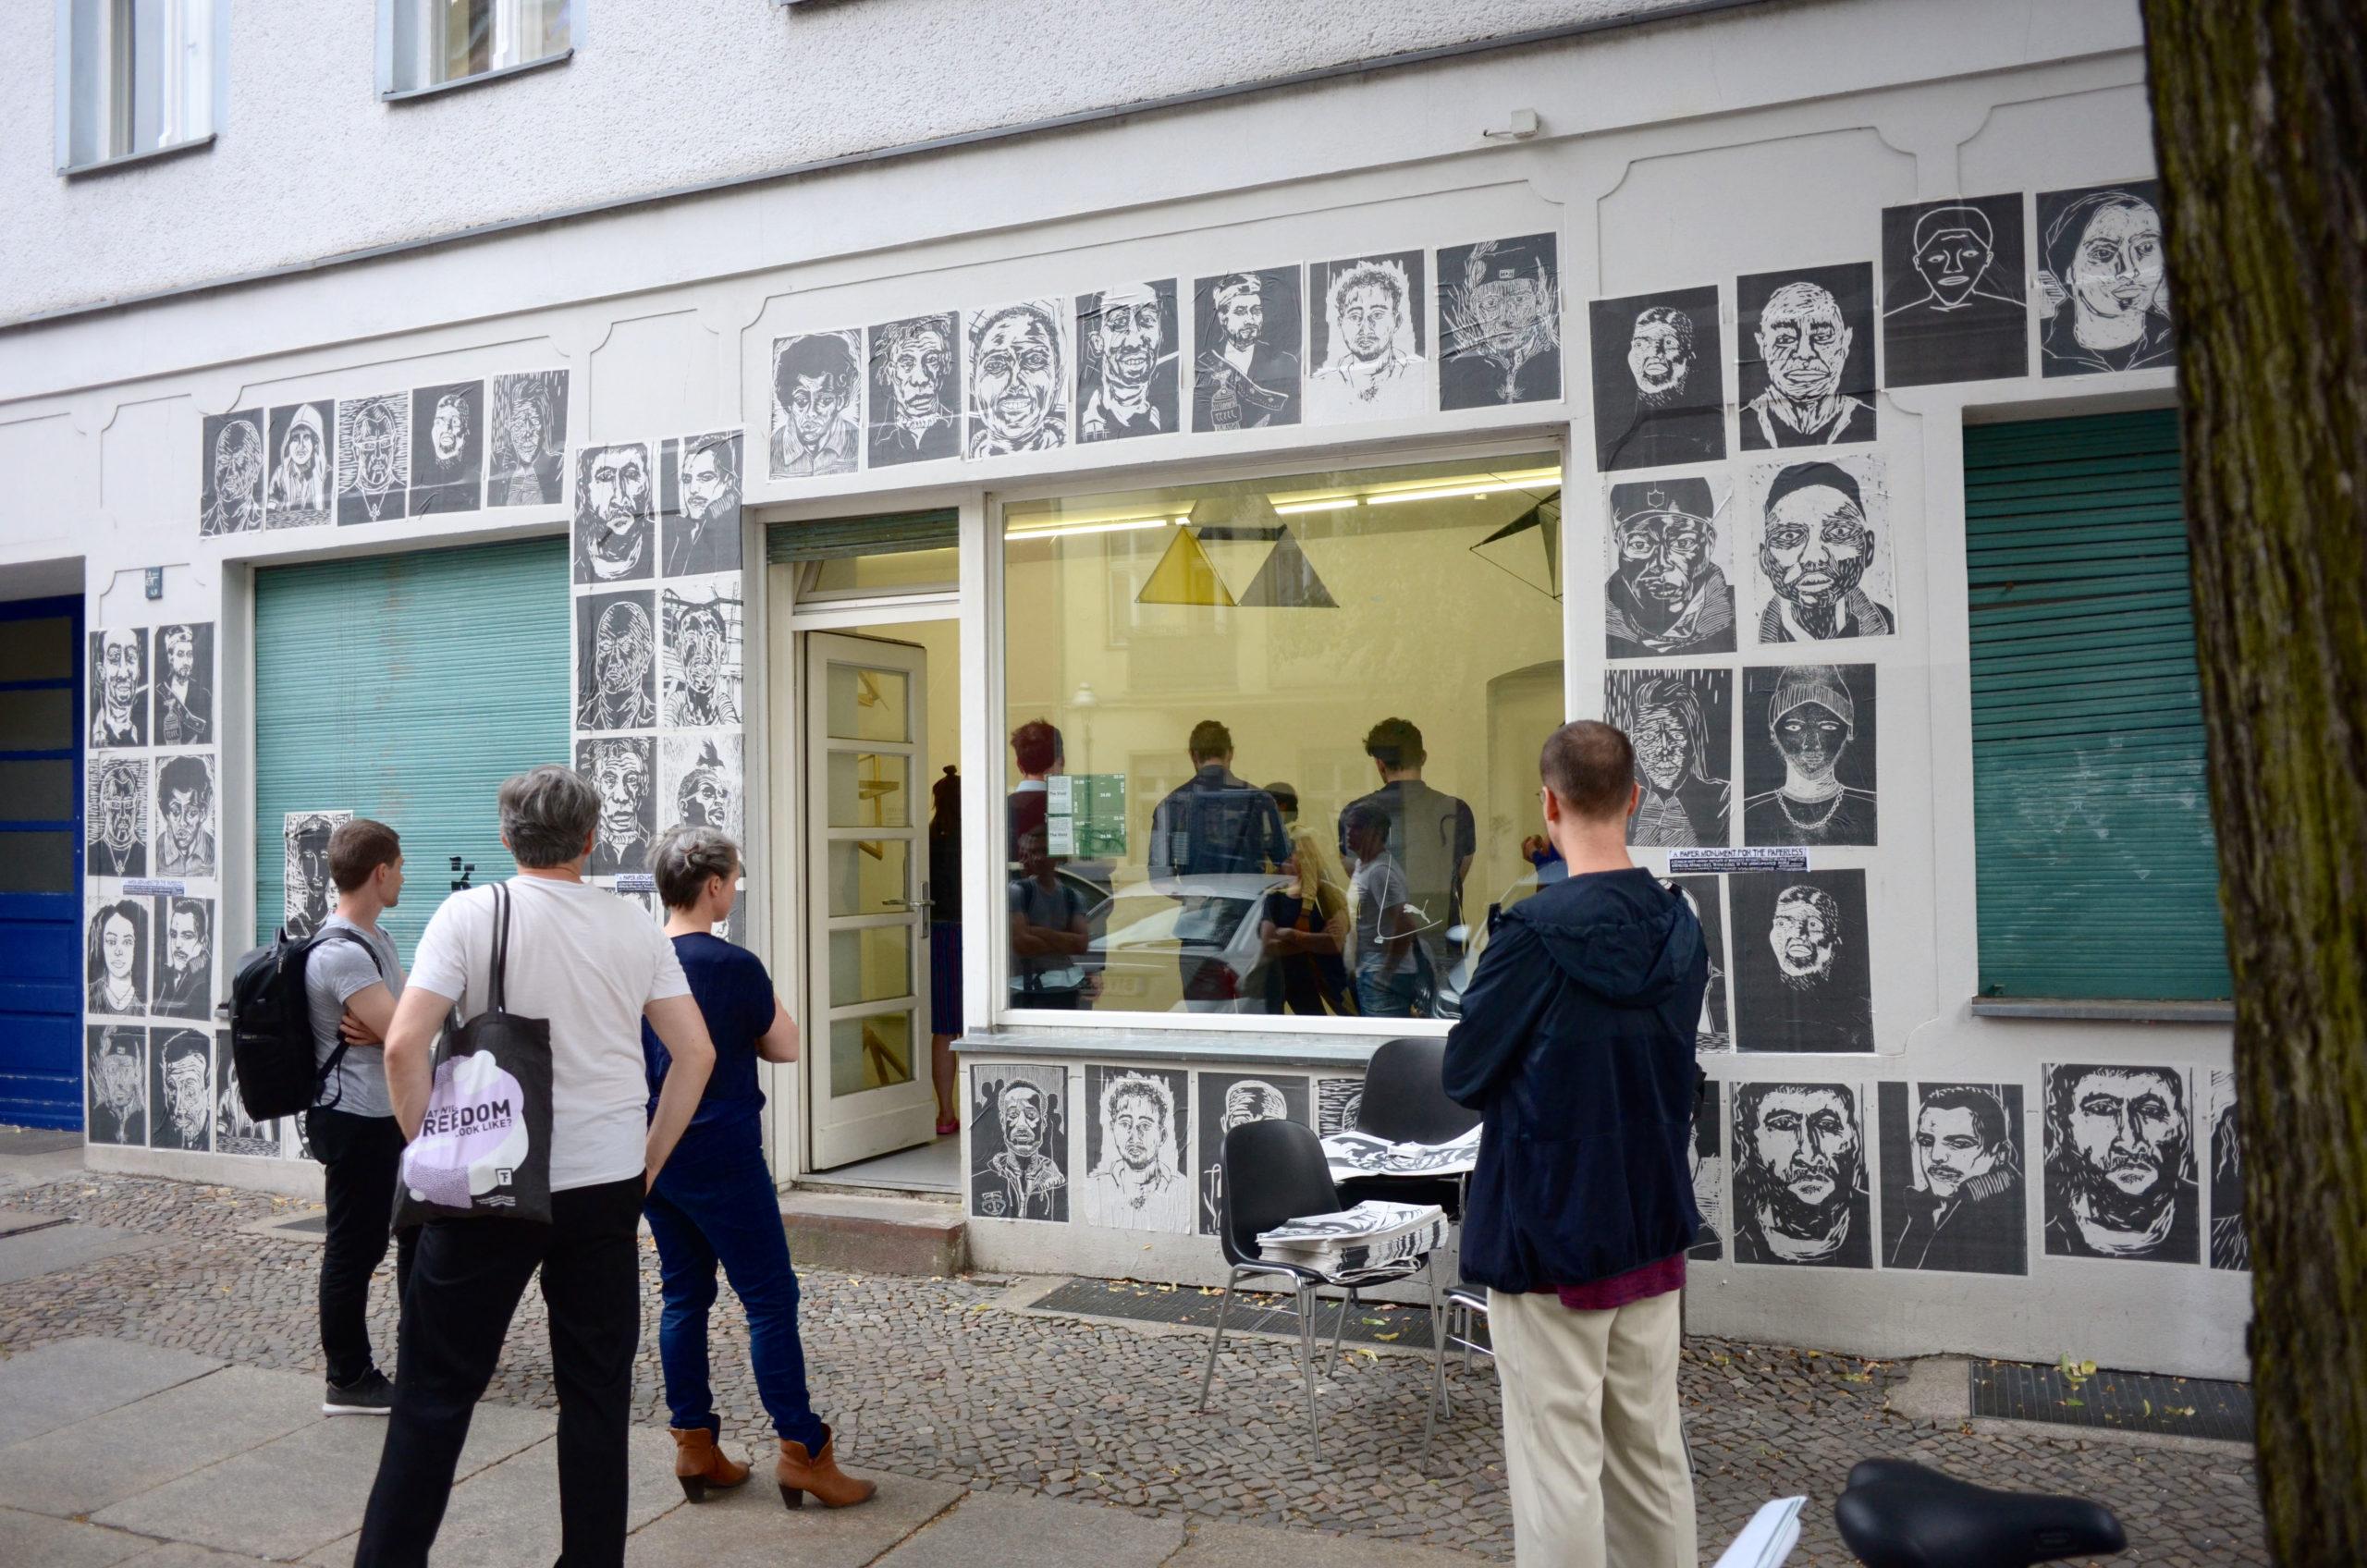 THE VIVID UNKNOWN – Gruppenausstellung, kuratiert von Monika Dorniak 2018